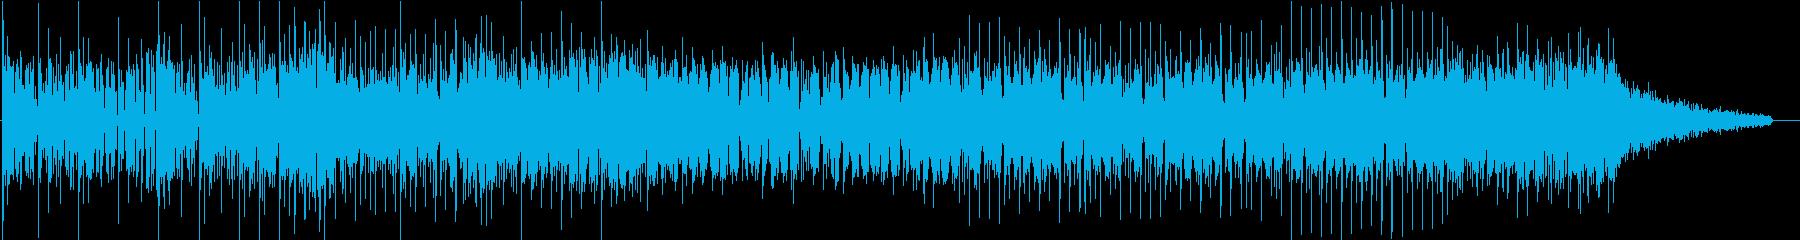 エレクトロニックなダンスミュージックの再生済みの波形